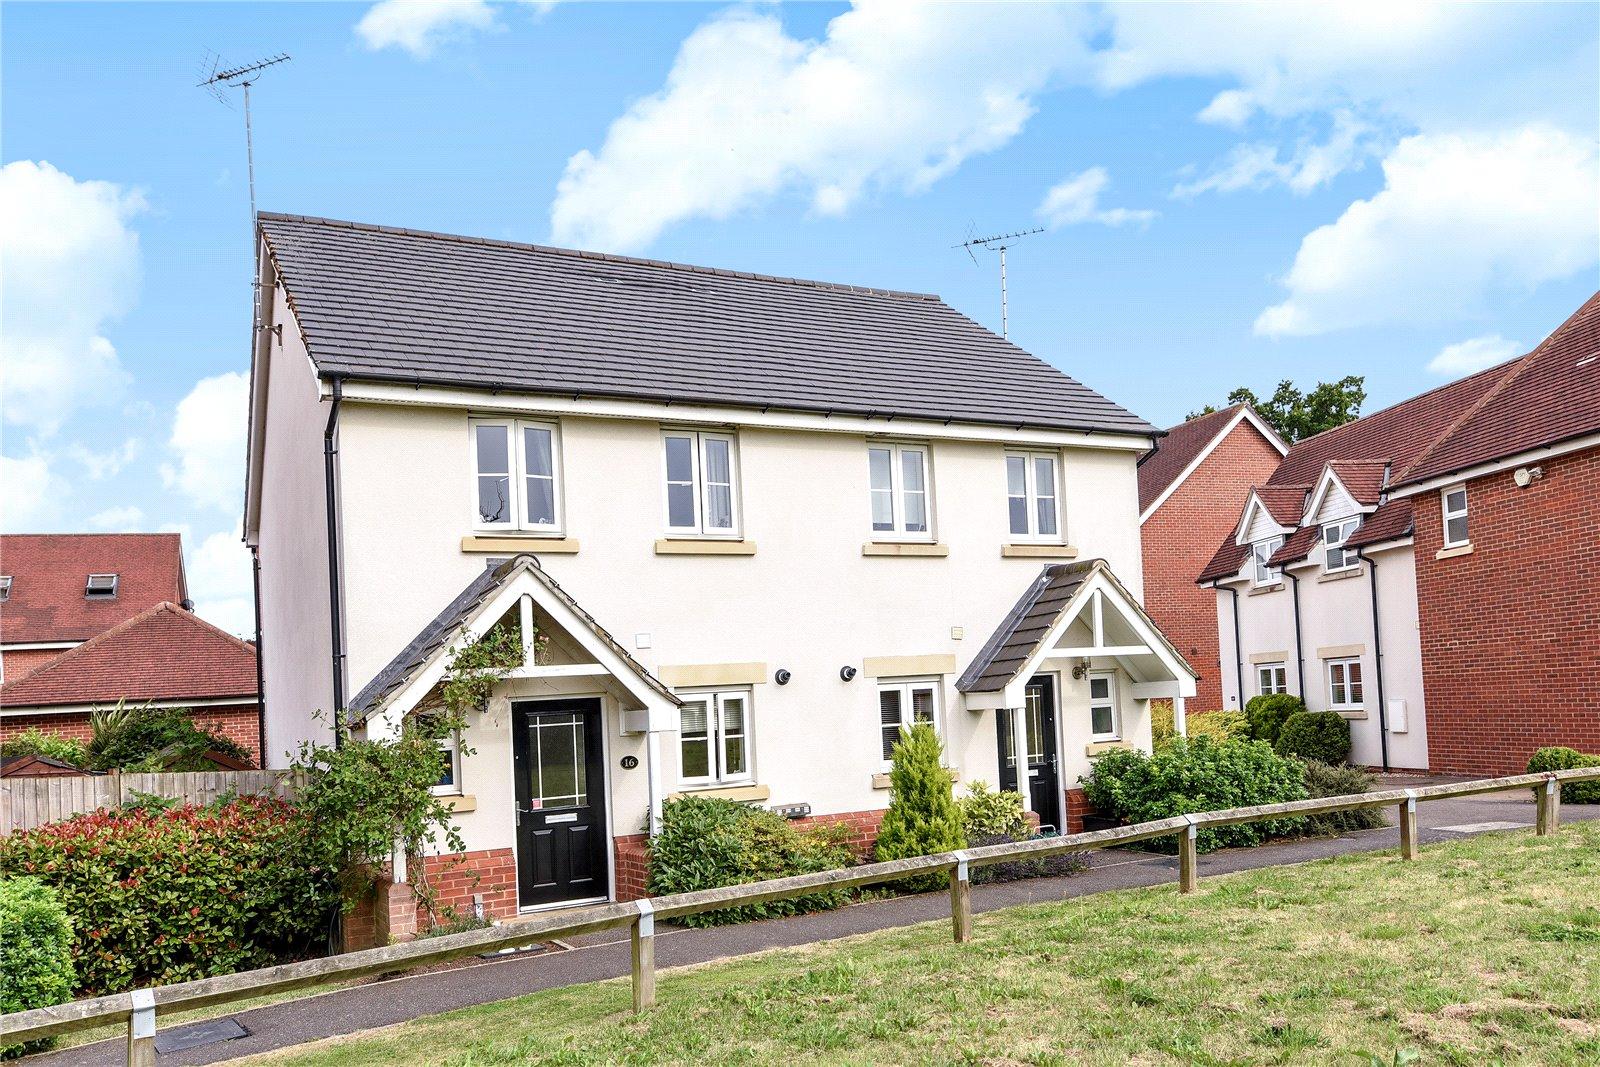 2 Bedrooms Semi Detached House for sale in Wheatsheaf Close, Sindlesham, Wokingham, Berkshire, RG41